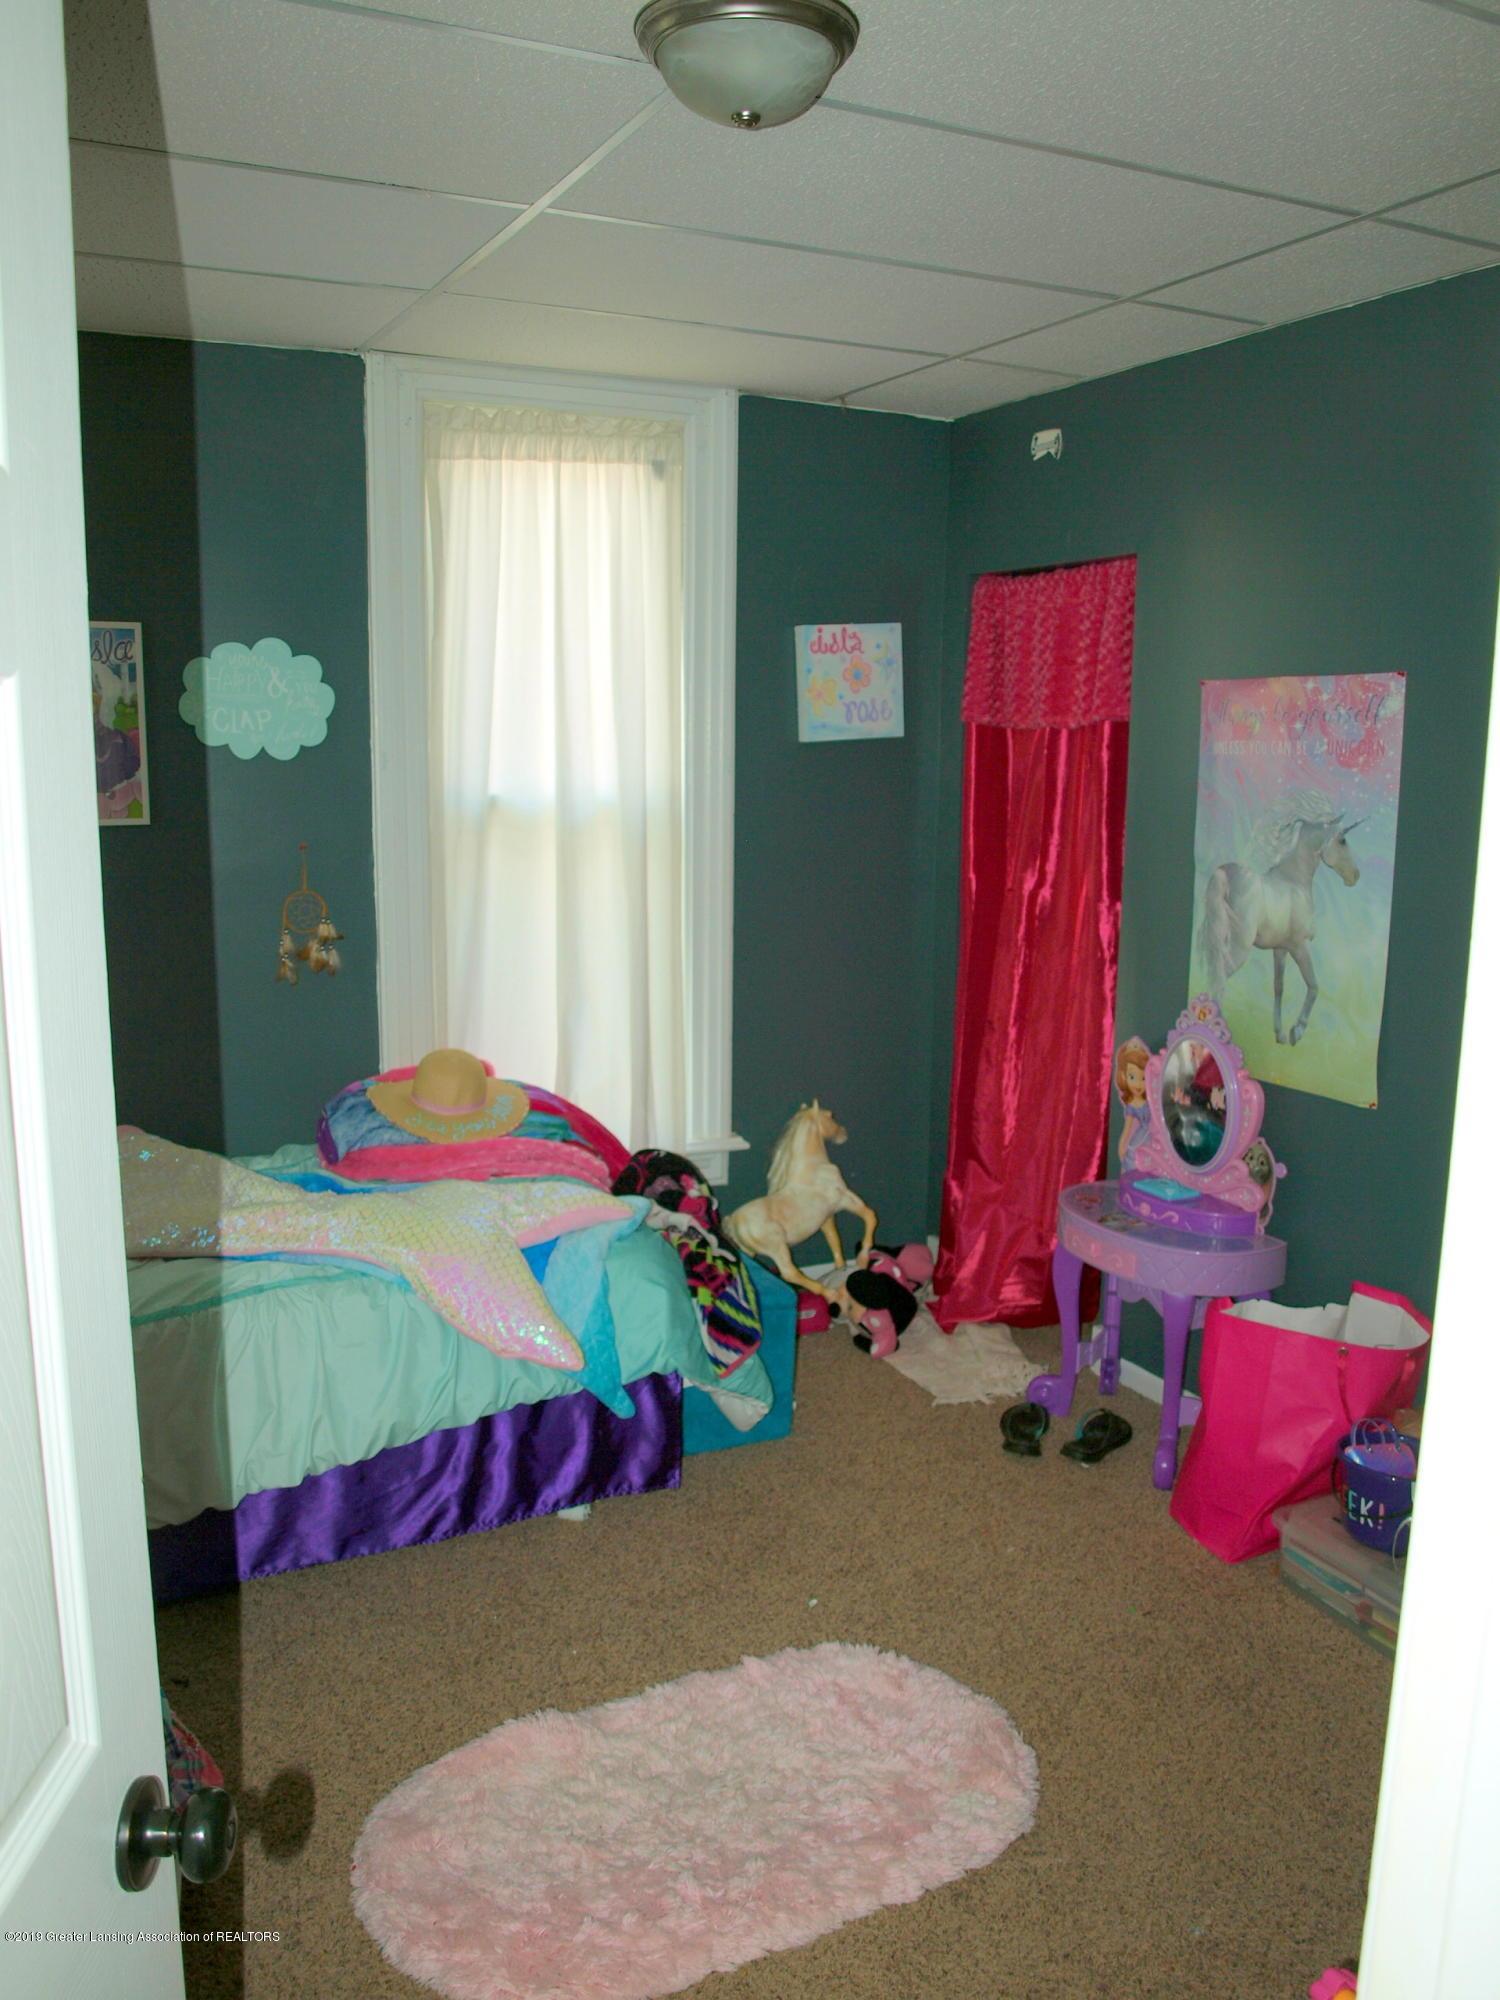 211 Wight St - Bedroom - 3